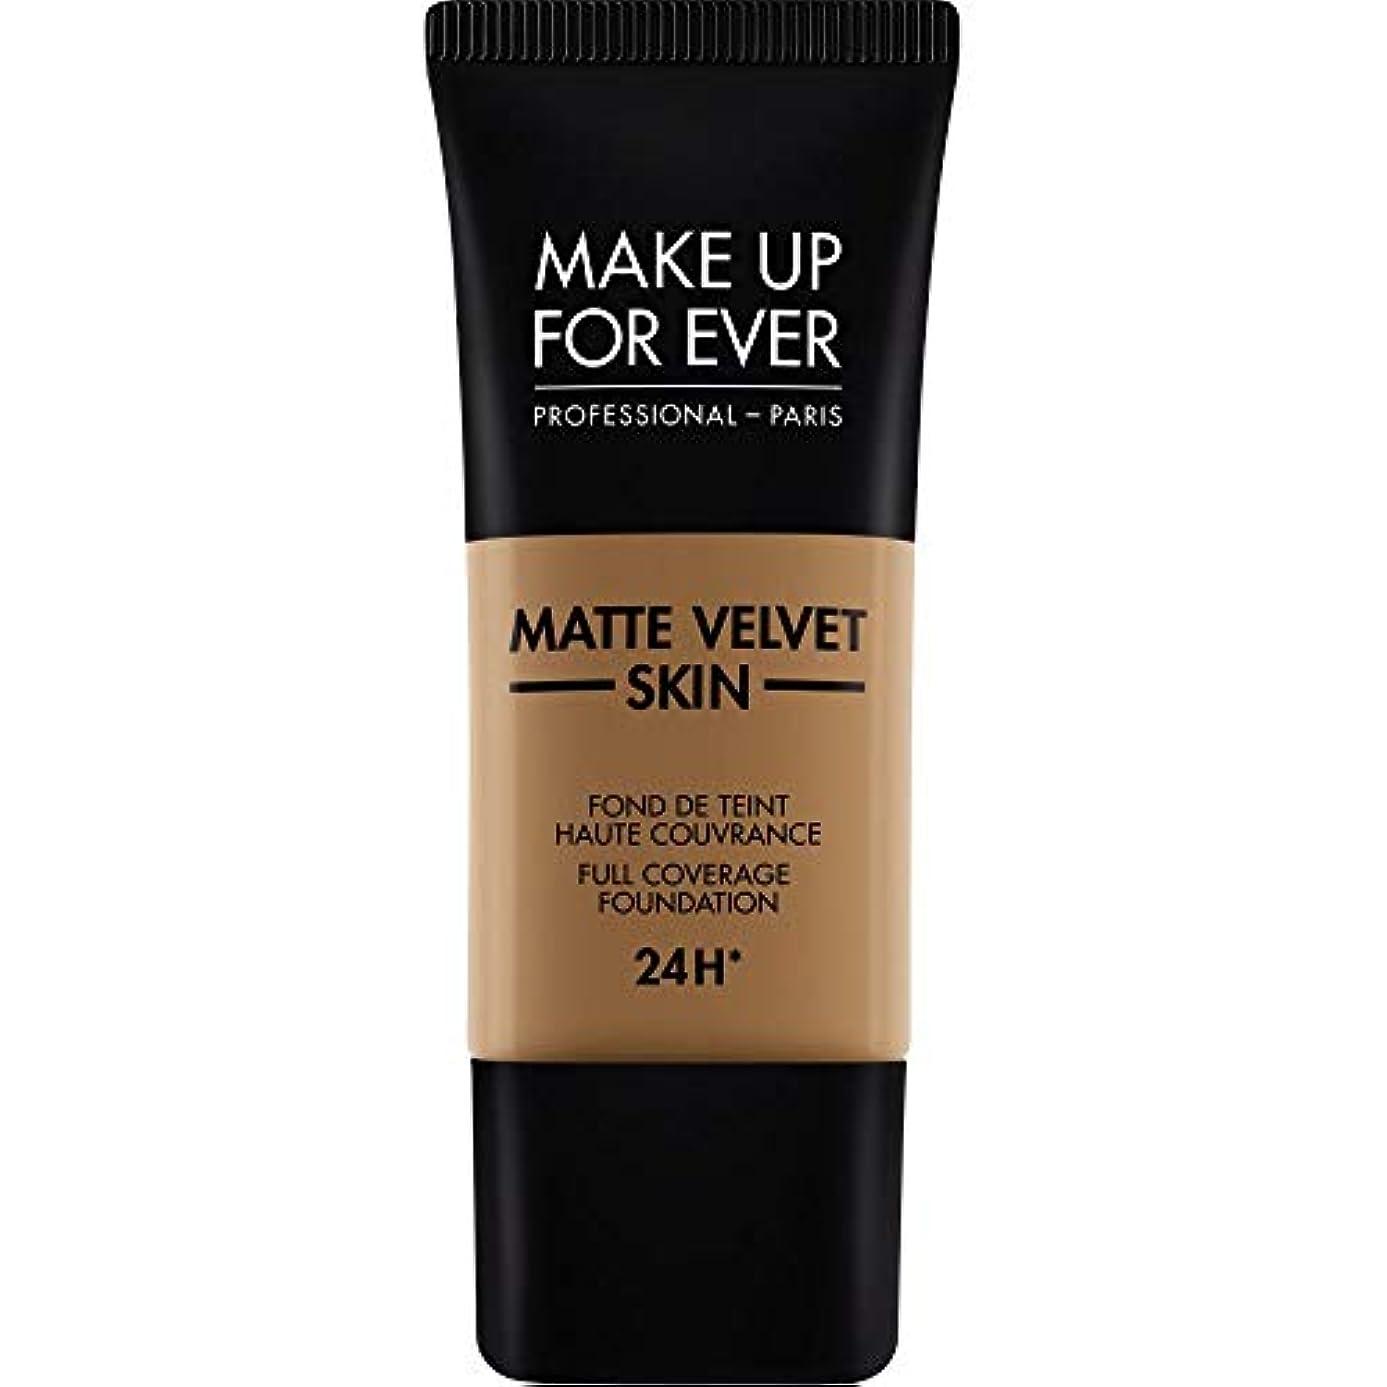 カストディアン細菌衝突[MAKE UP FOR EVER ] これまでマットベルベットの皮膚のフルカバレッジ基礎30ミリリットルのY505を補う - コニャック - MAKE UP FOR EVER Matte Velvet Skin Full...